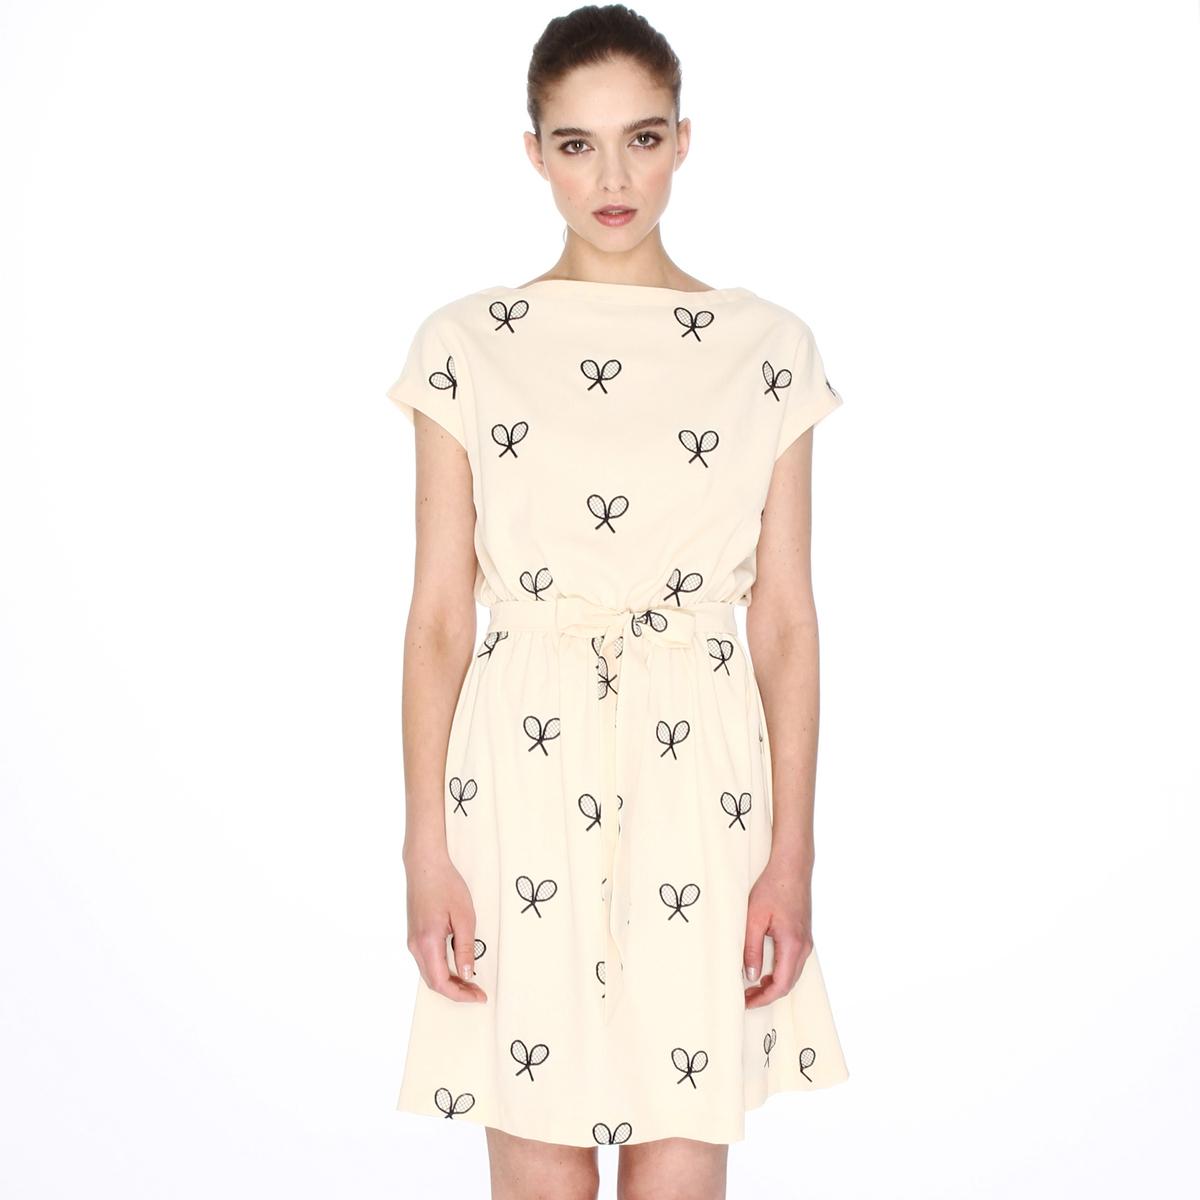 Платье с короткими рукавами и вышивкой теннисные ракетки платье с короткими рукавами расклешенного покроя pepaloves dress cruz